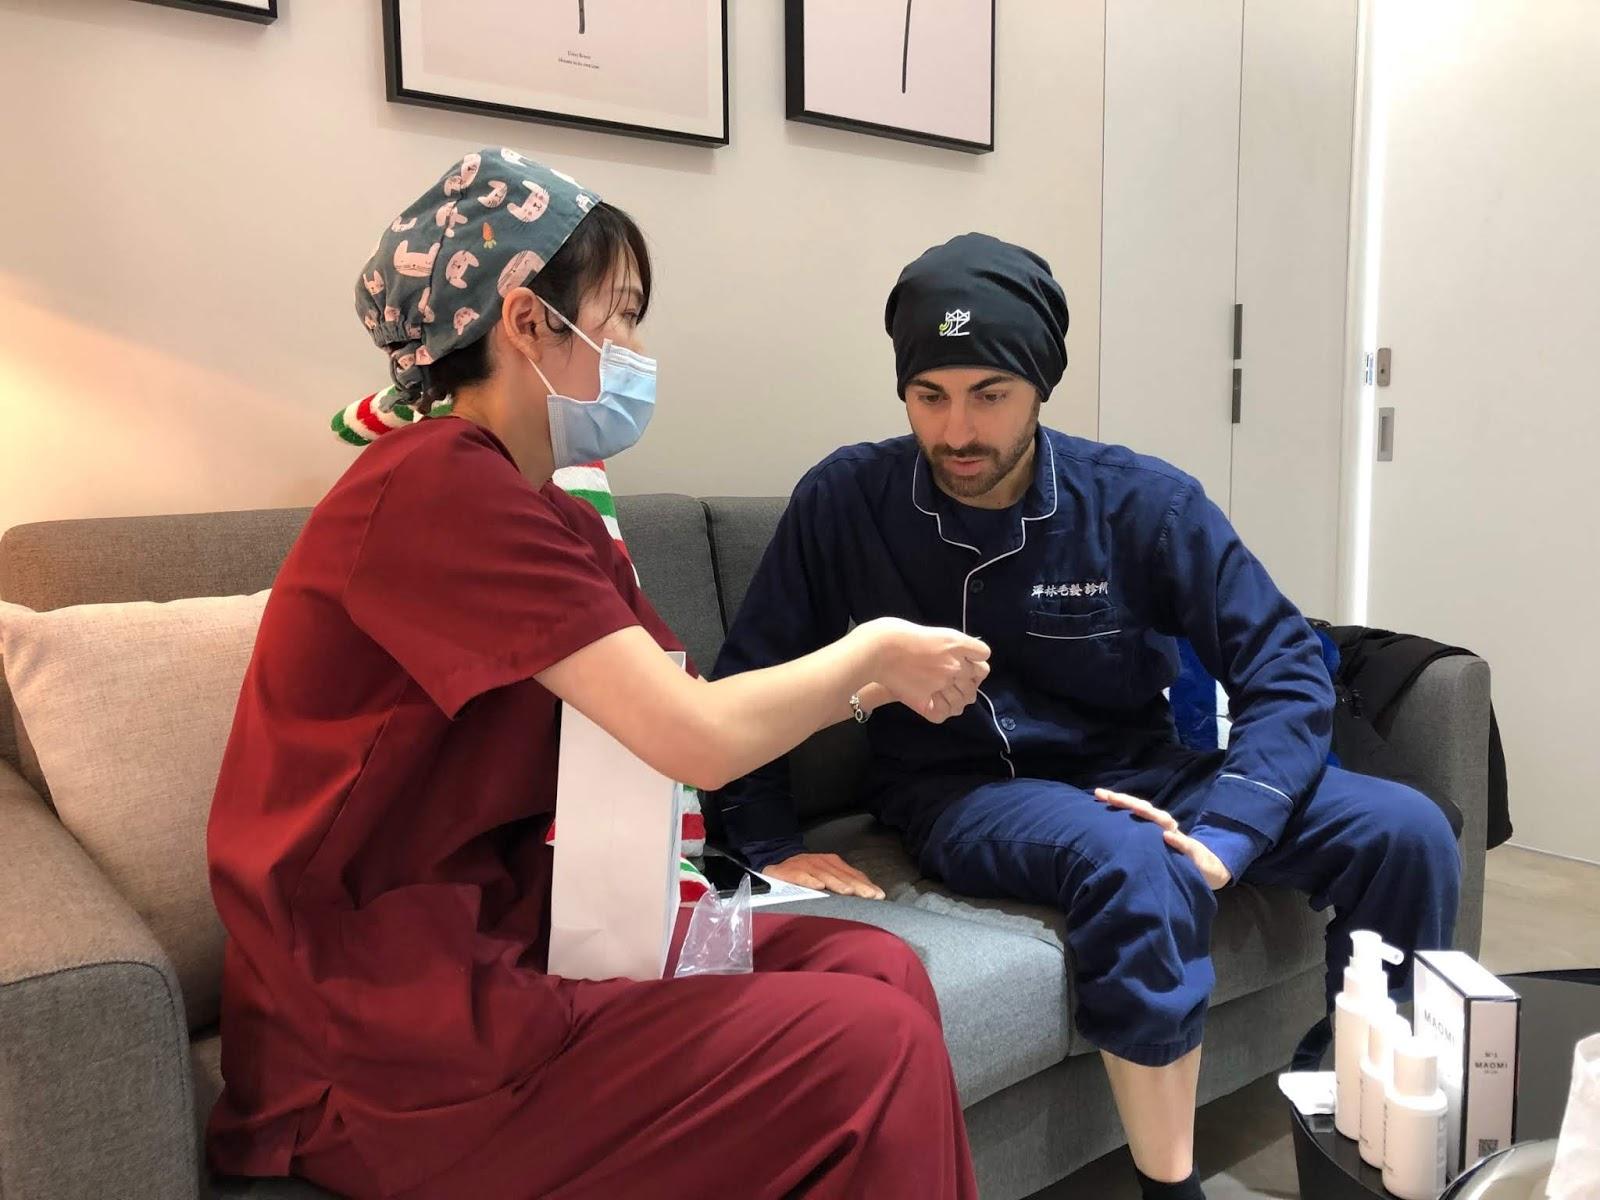 植髮手術|謝宗廷醫師|術後衛教